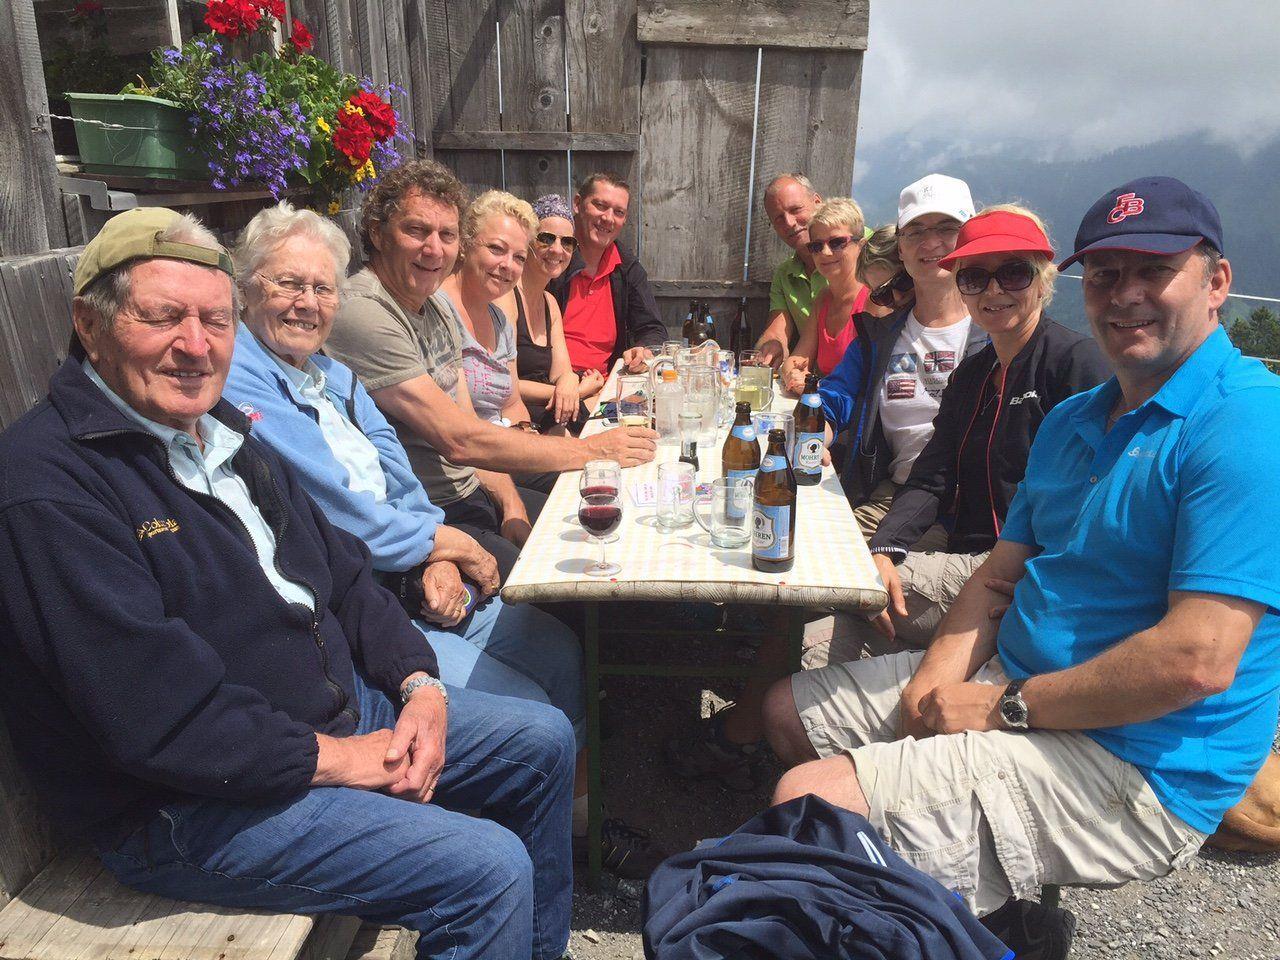 Beliebtes Ausflugsziel: Fraxner Hohe Kugel und Alpe Maiensäß sowie Staffel. Hier Familienausflug aus Hohenems und Diepoldsau zum Vatertag auf die Hohe Kugel.